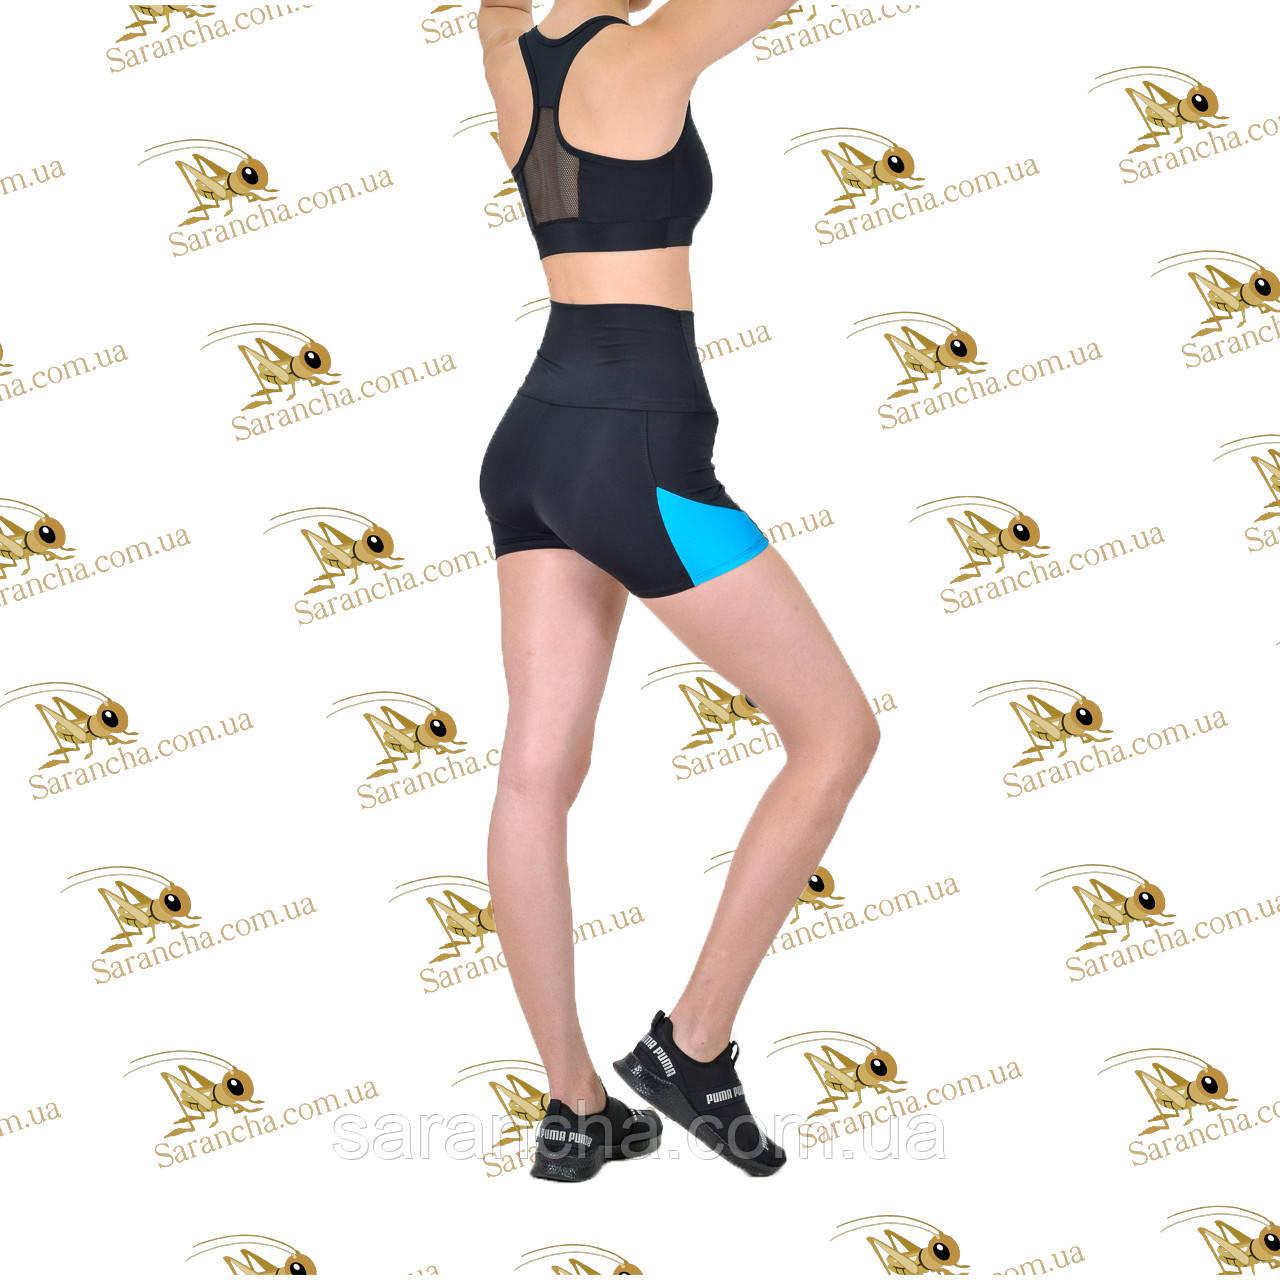 Женский спортивный комплект шорты с голубыми вставками и топ черного цвета